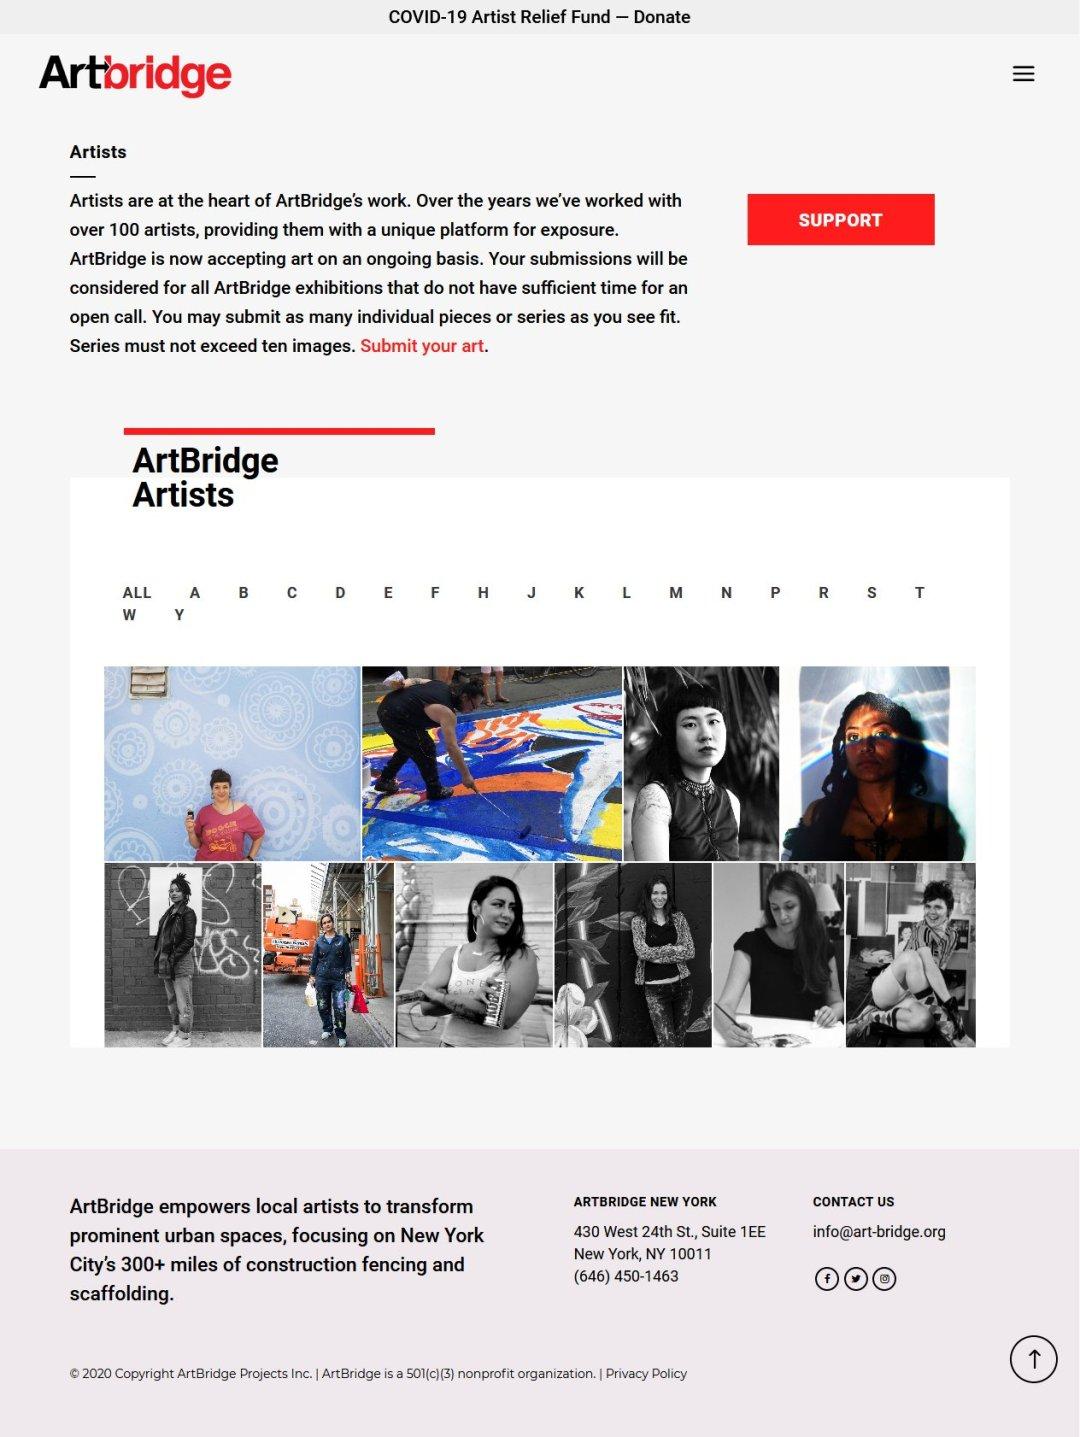 ArtBridge -- Artists page, design by LIMIT8 Design